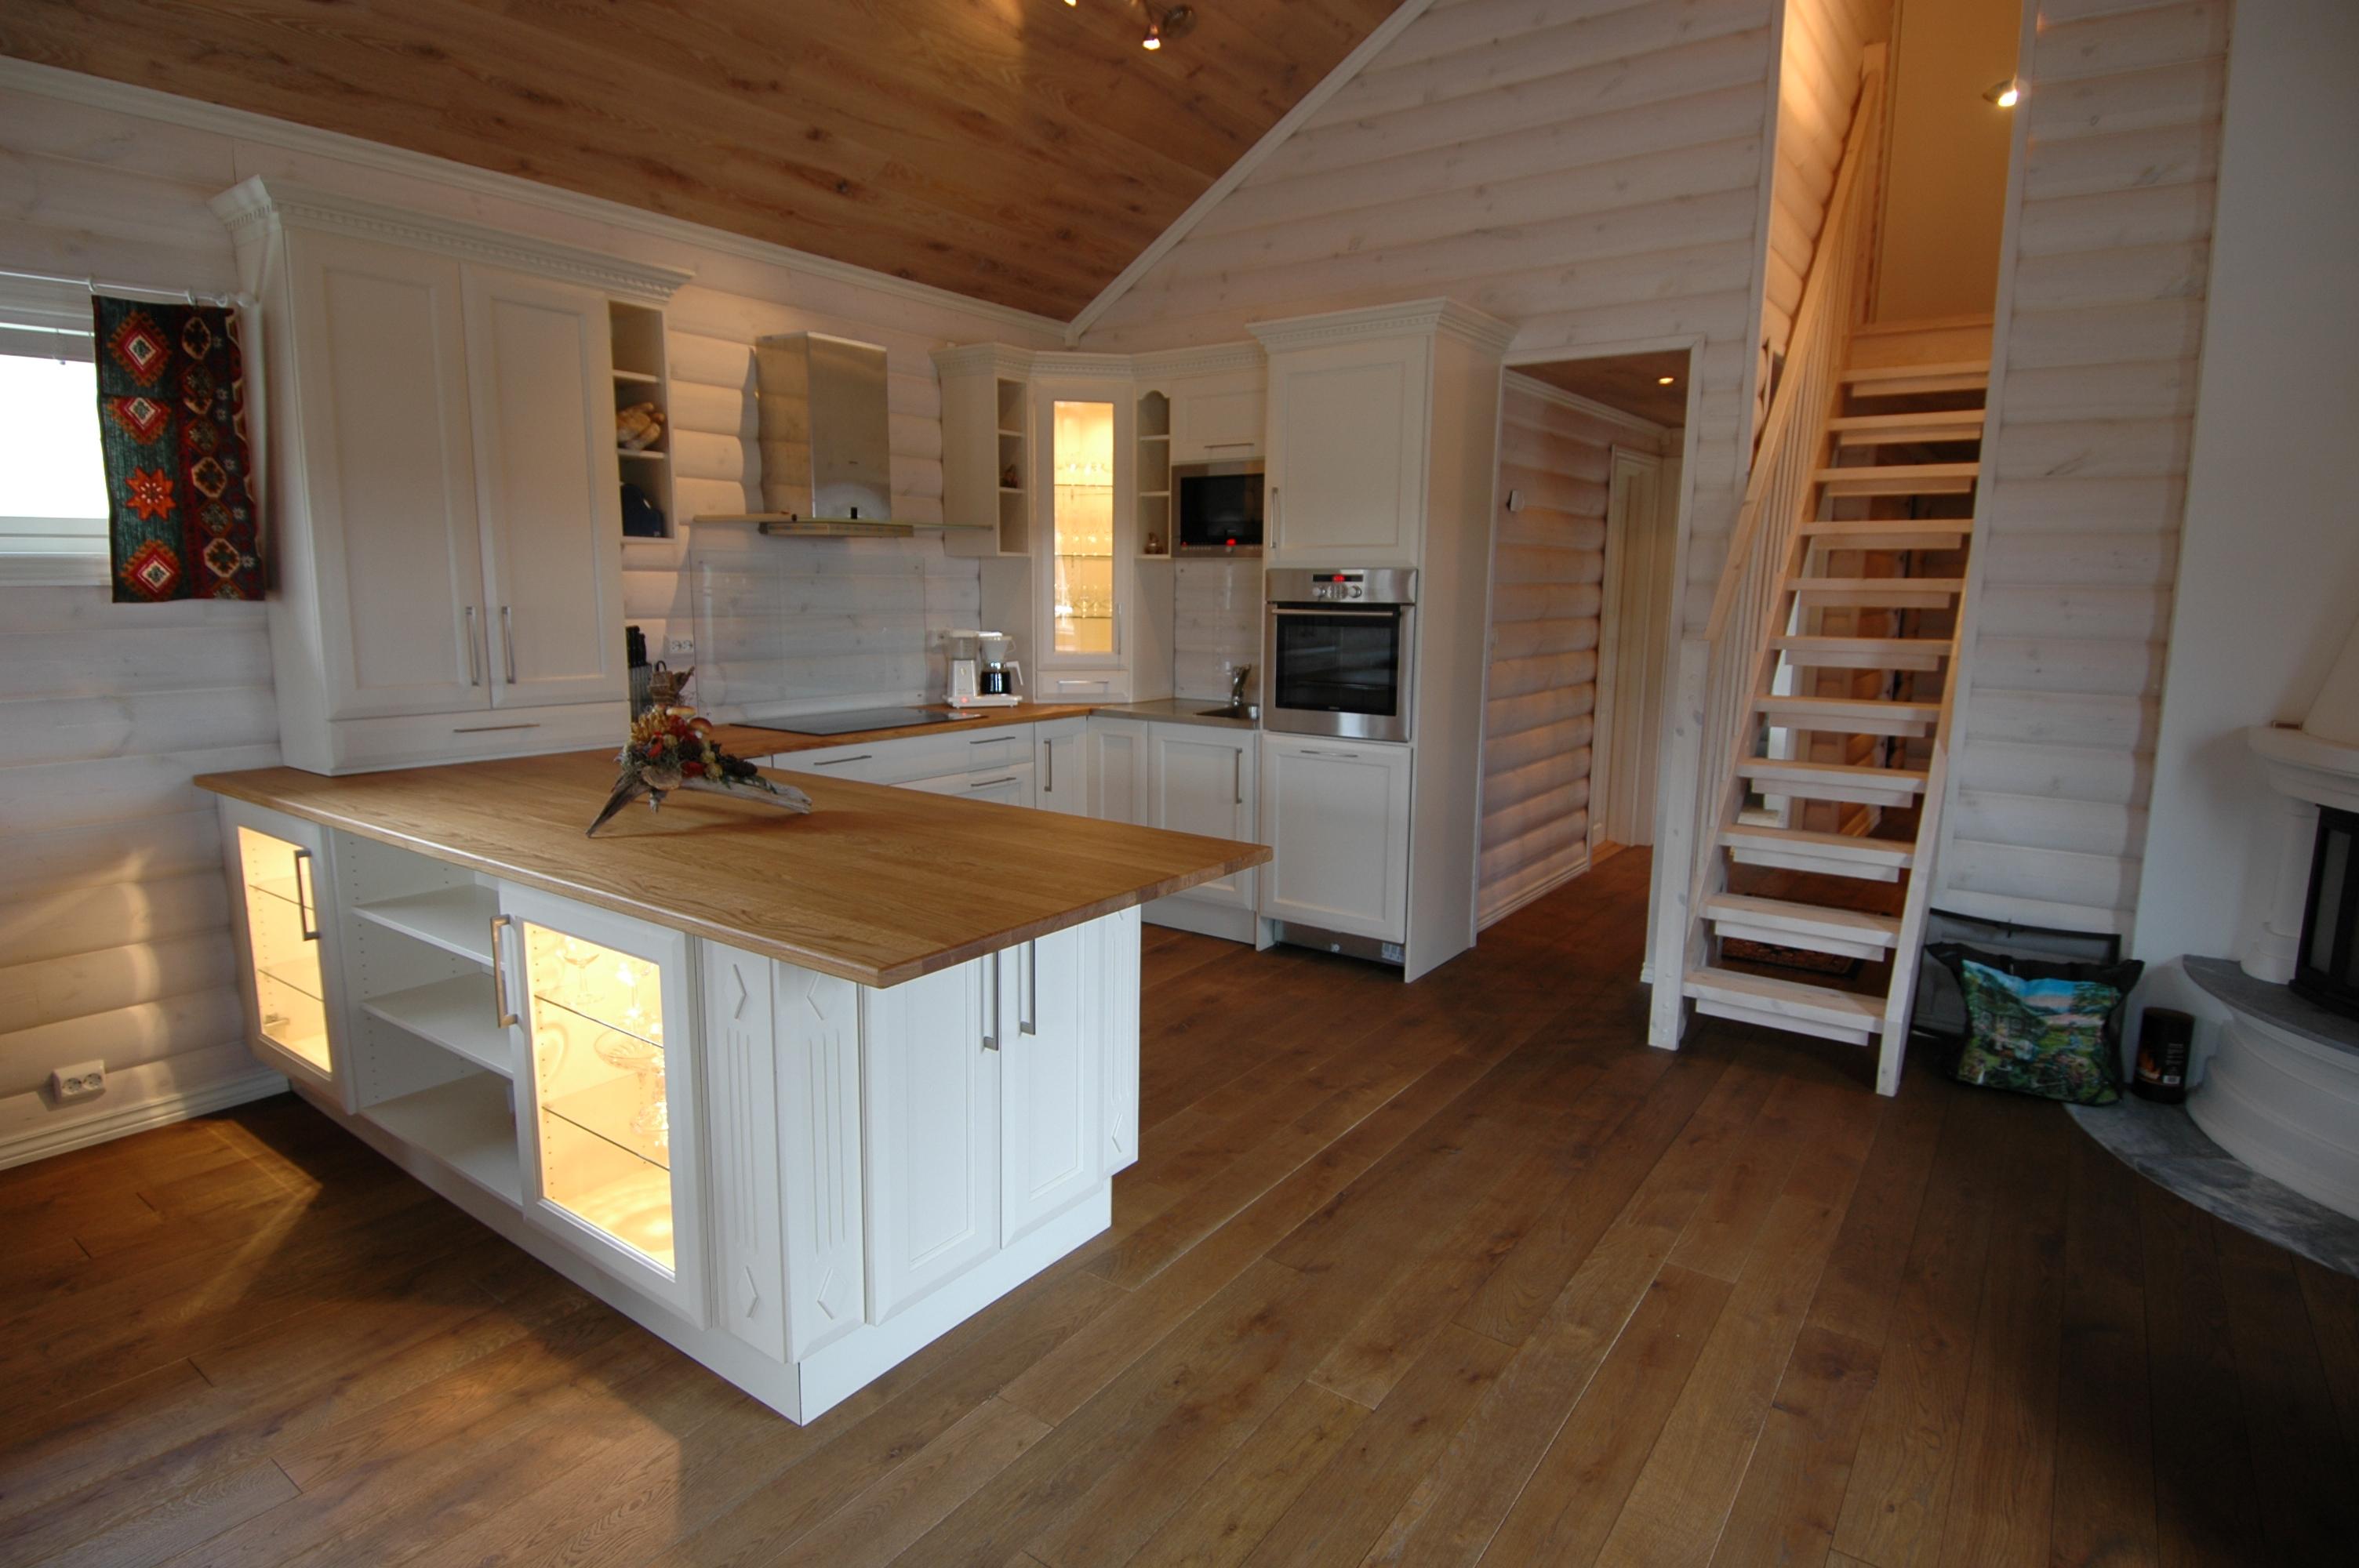 Kjøkken med buet ramtre og lekre detaljer